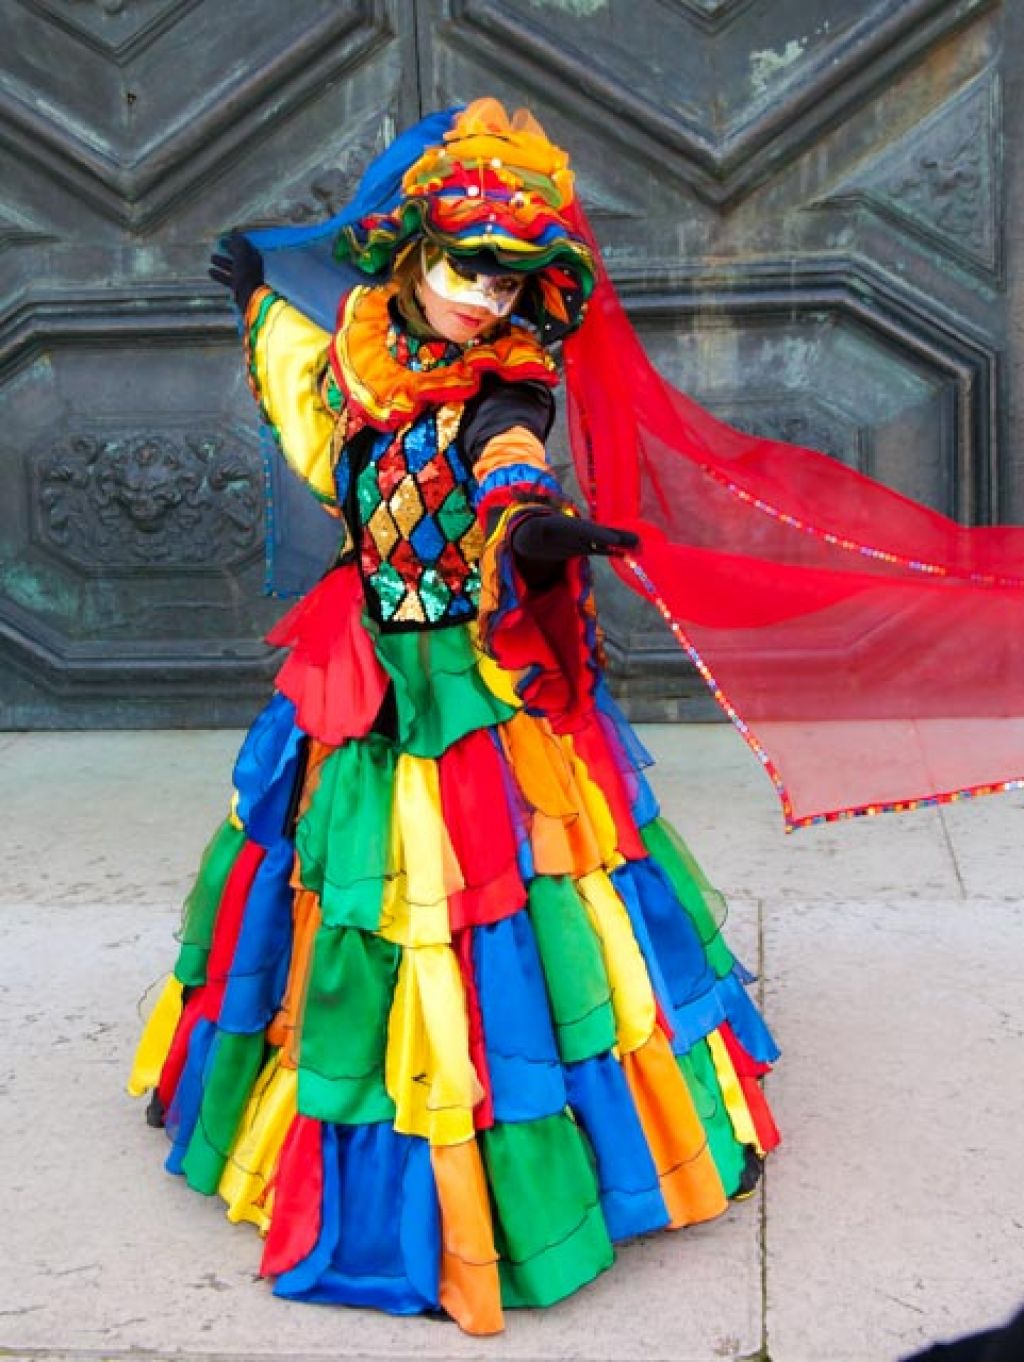 venice carnival10 Carnival Costumes at Santa Maria della Salute